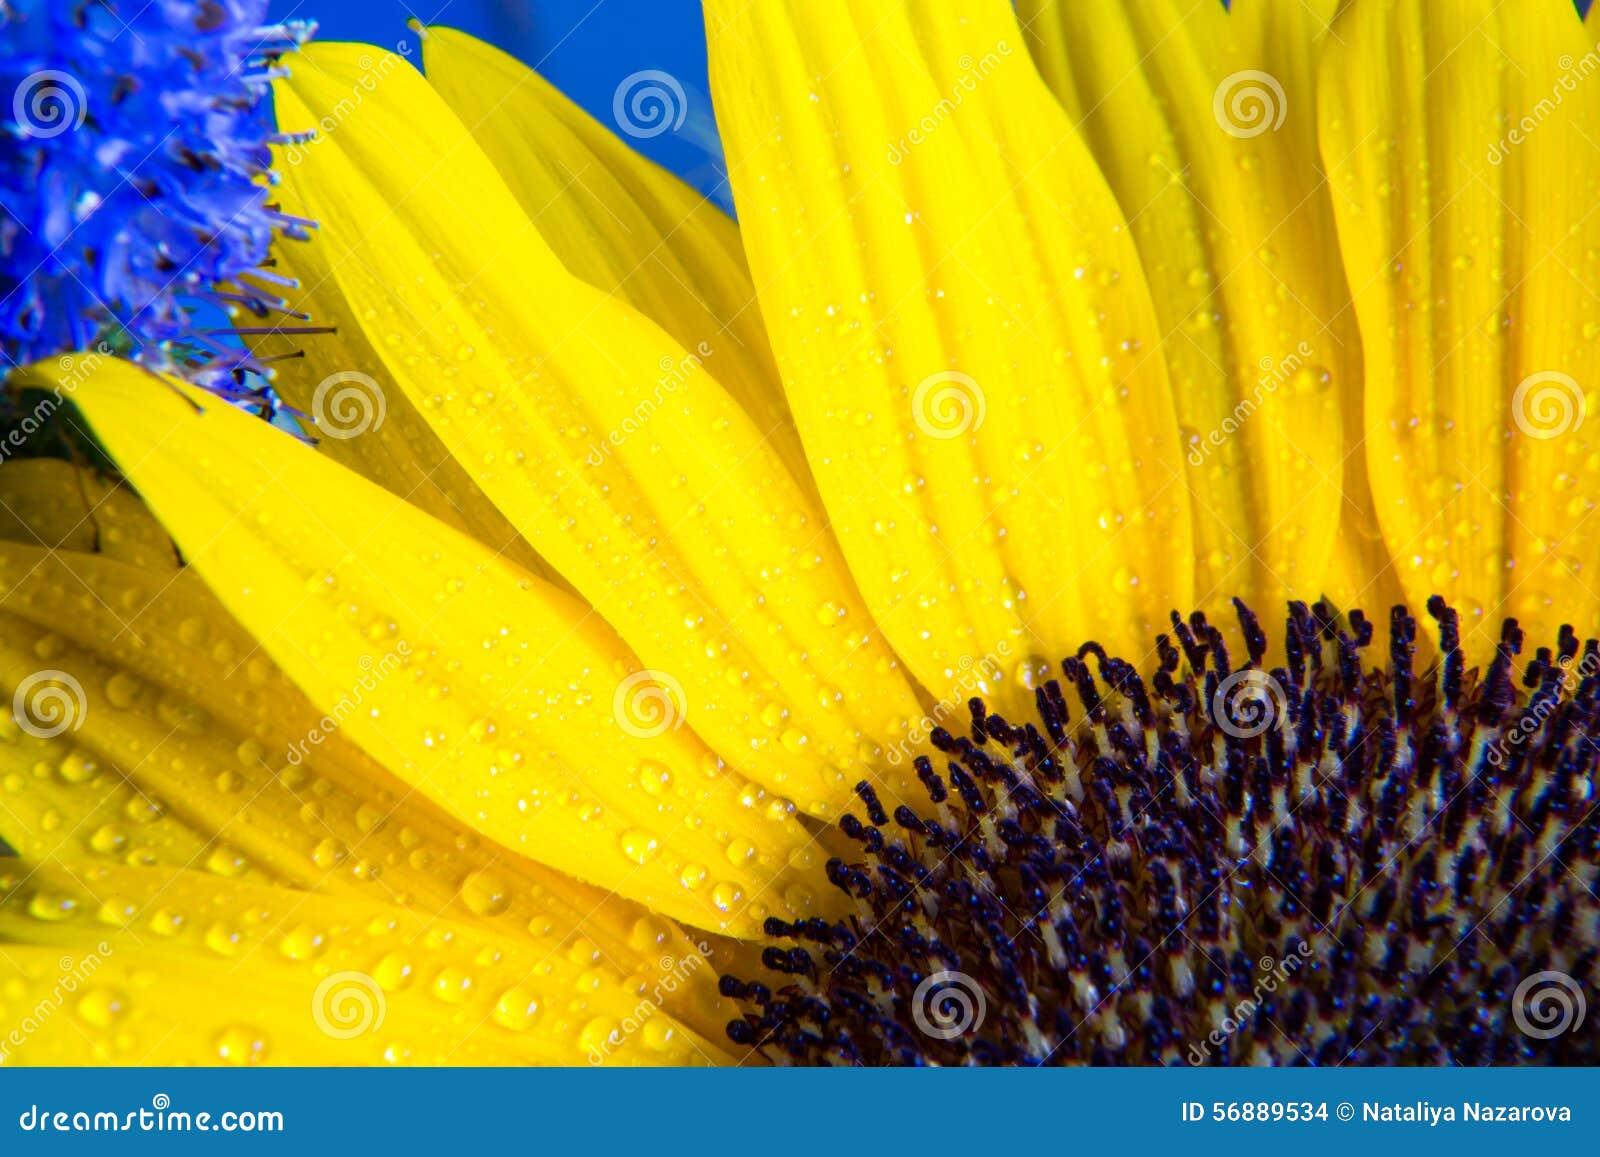 Macro colpo variopinto della fioritura gialla del girasole con le gocce di acqua